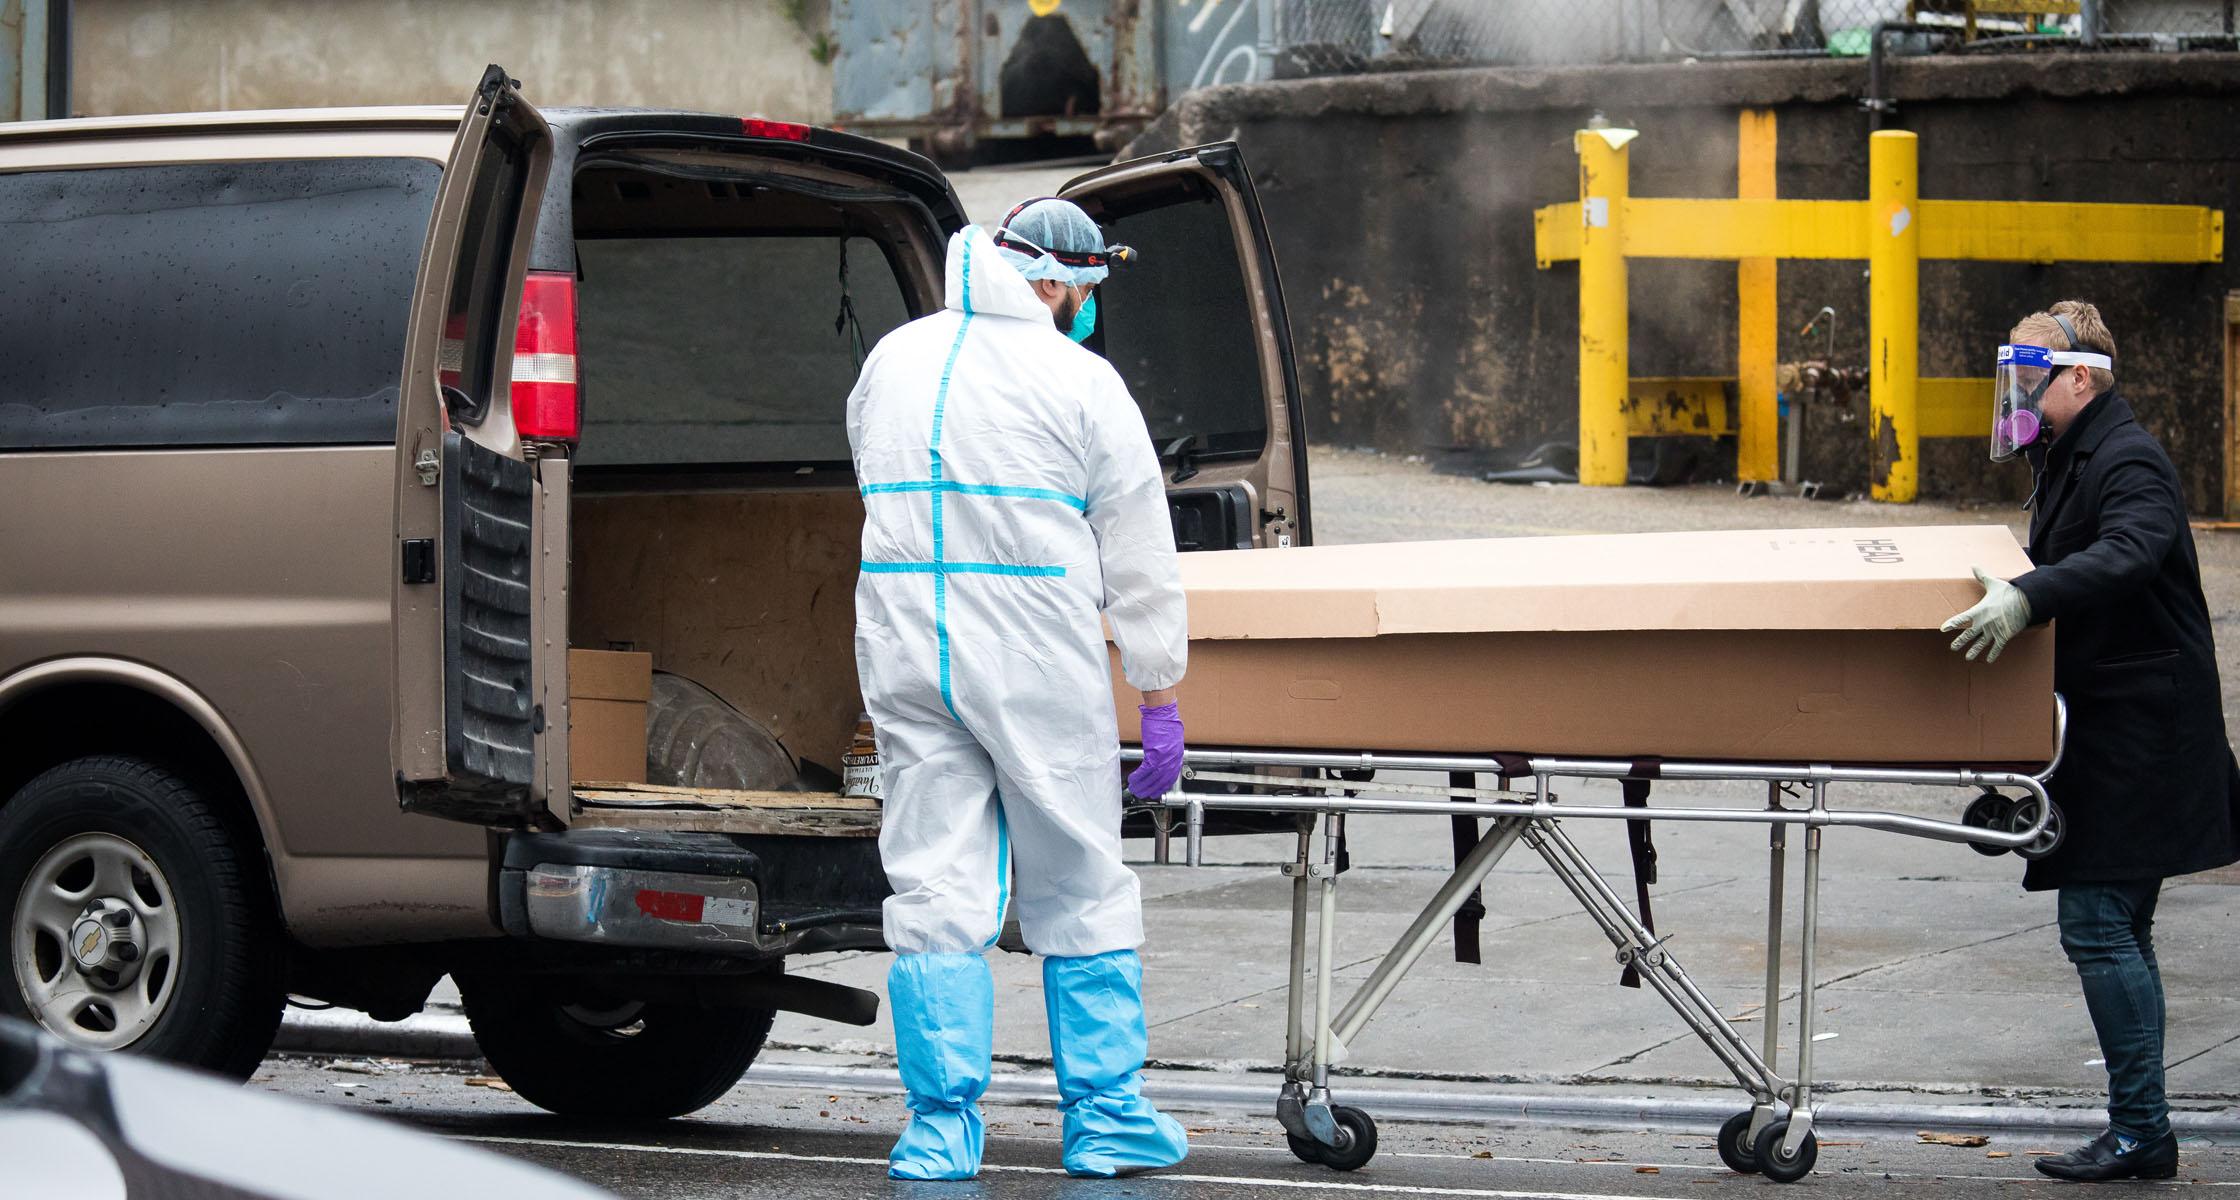 Κορωνοϊός ΗΠΑ: Πάνω από 2.400 καταγεγραμμένα κρούσματα μετάλλαξης του ιού